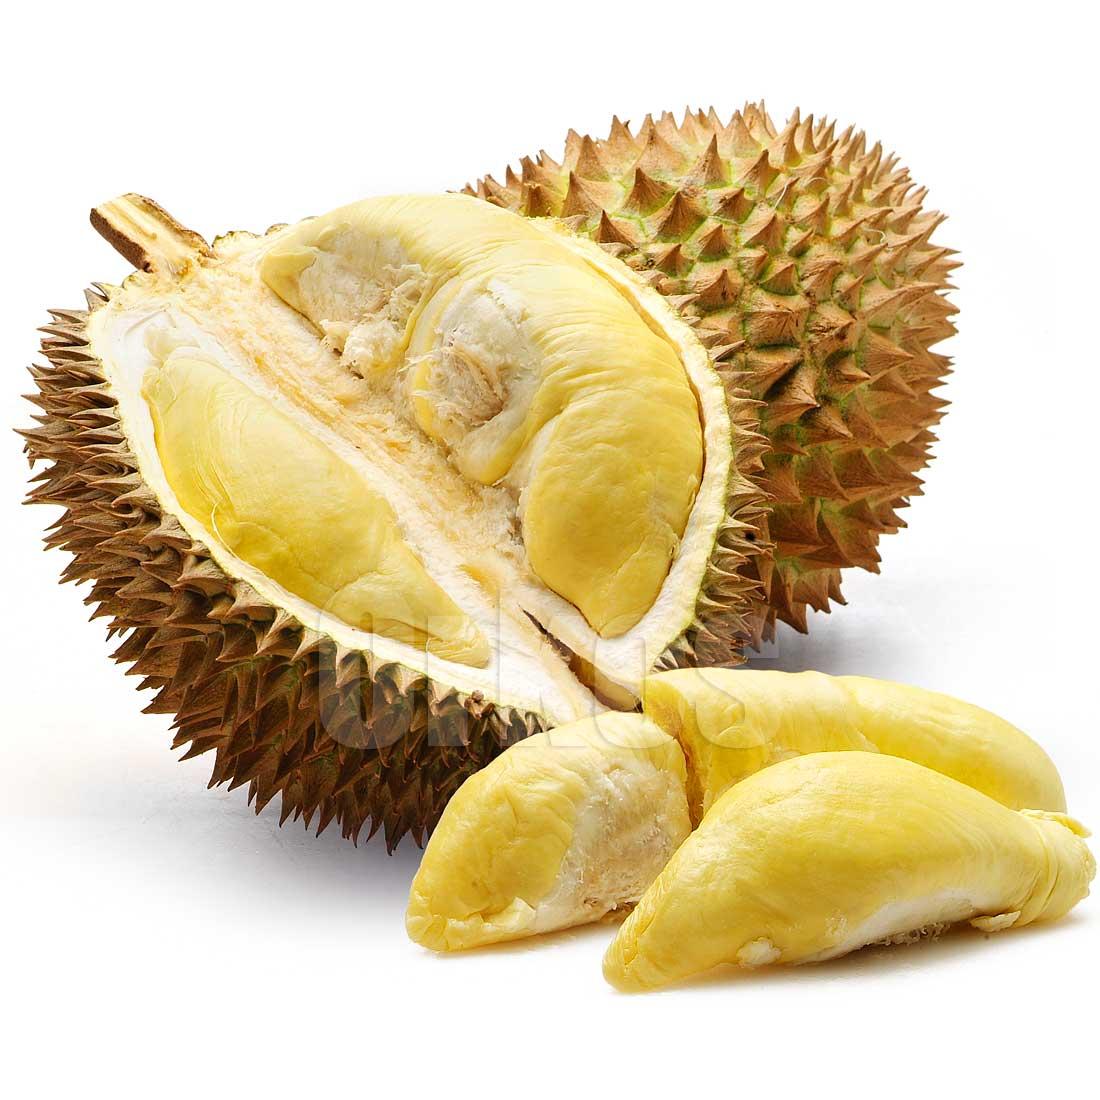 buah-durian-untuk-mengurangi-kerutan